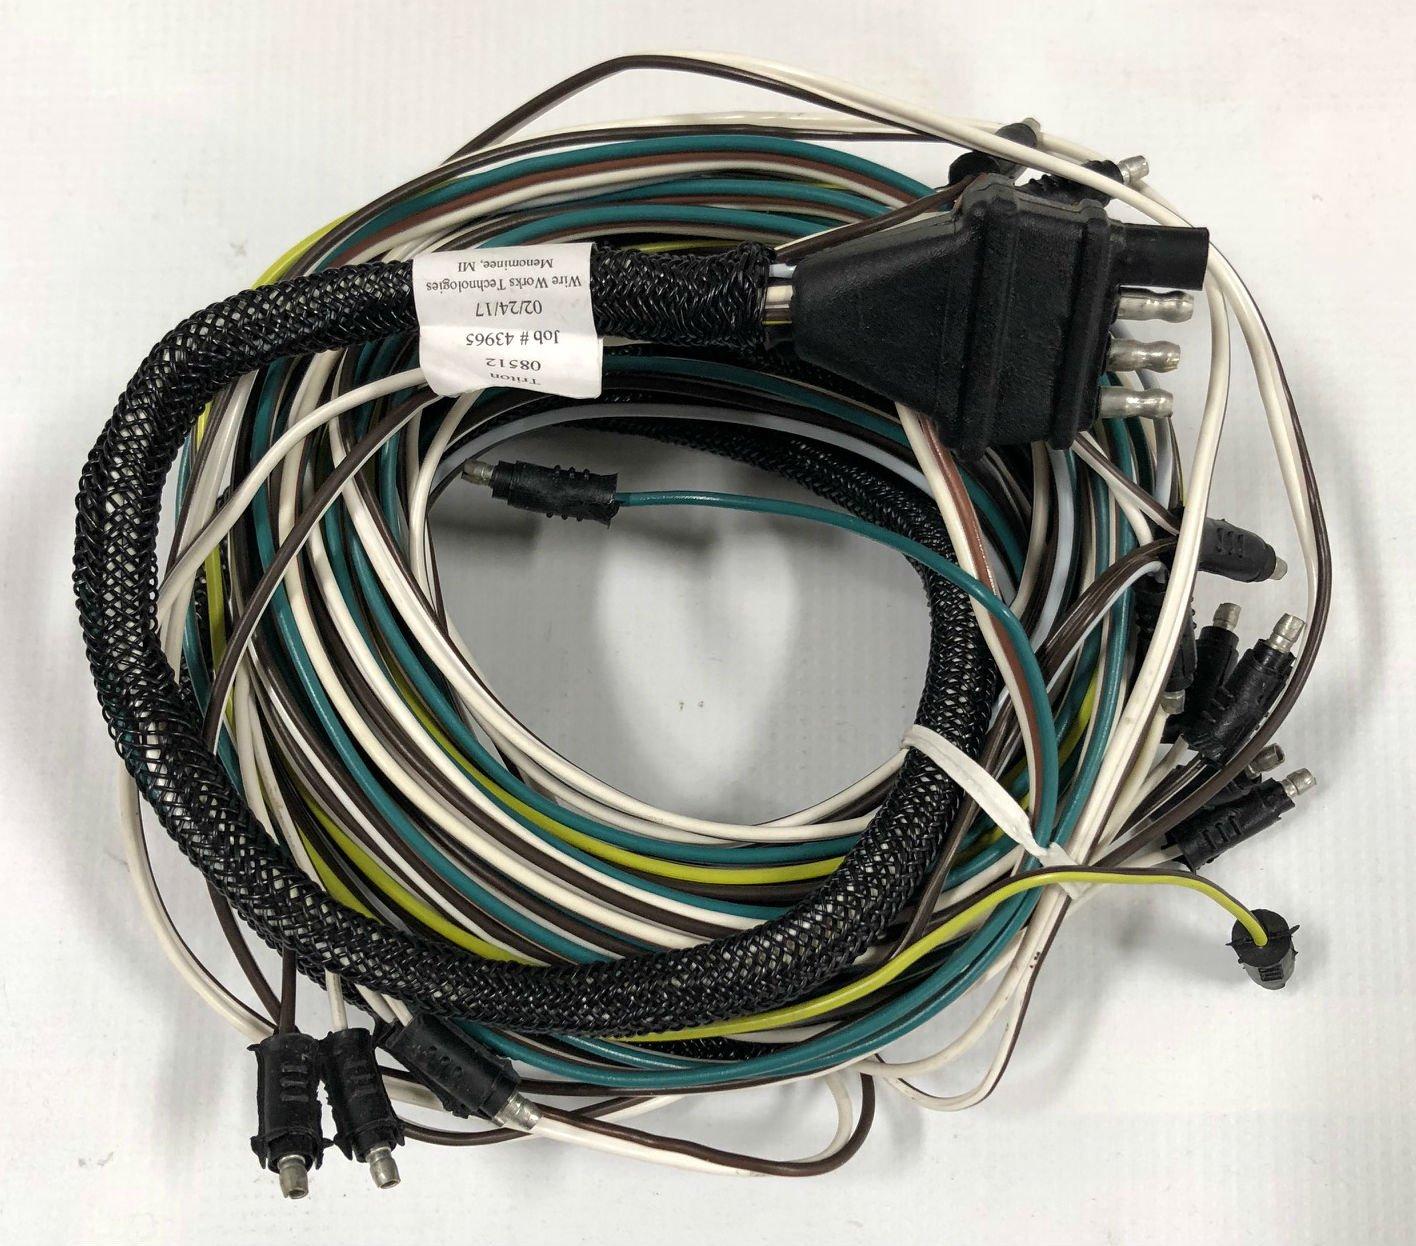 Triton Trailer Wiring Harness Library Snowmobile Amazoncom 08512 Atv128 Wire Accessories Sports